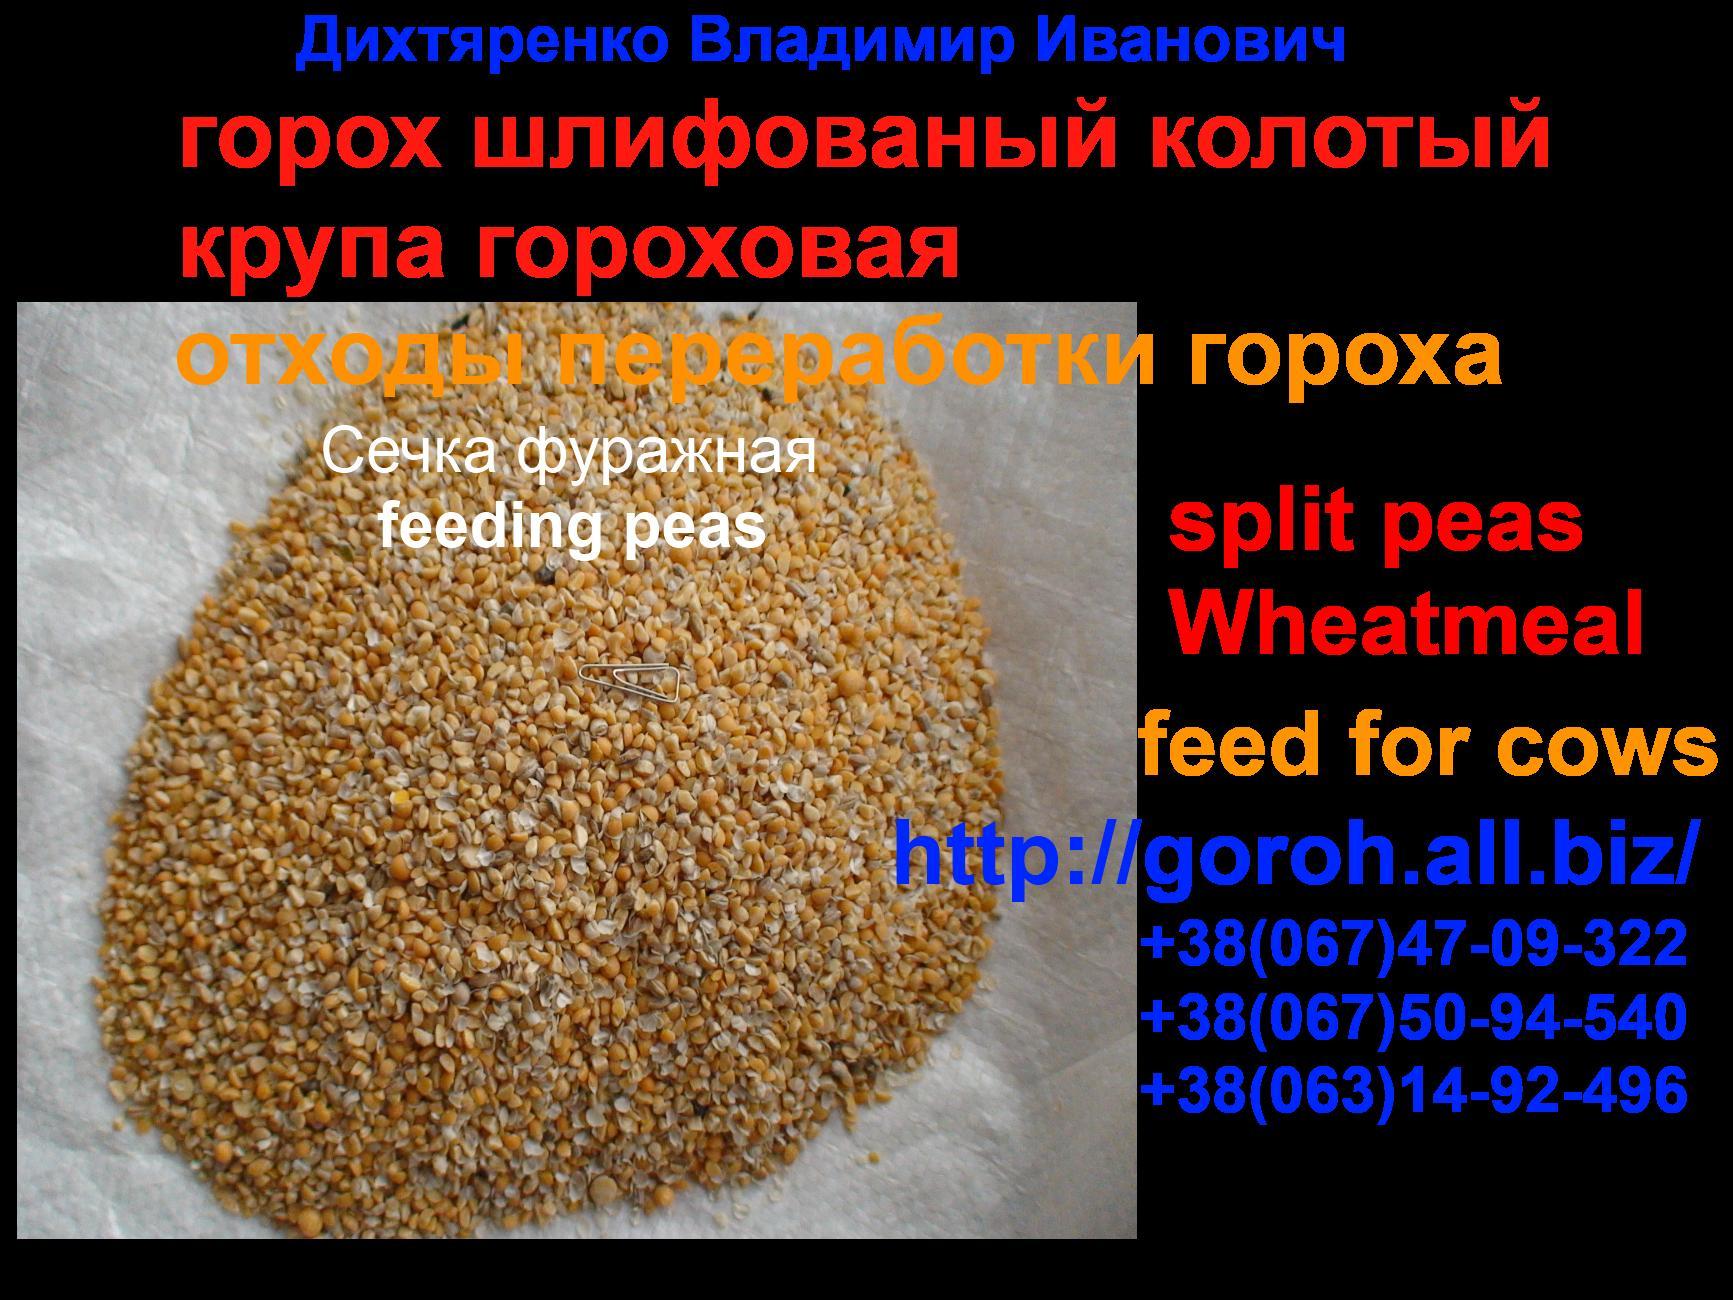 eksport_zernovyh_podgotovka_dokumentov_na_eksport_sertifikat_kachestva_eksportnye_dokumenty